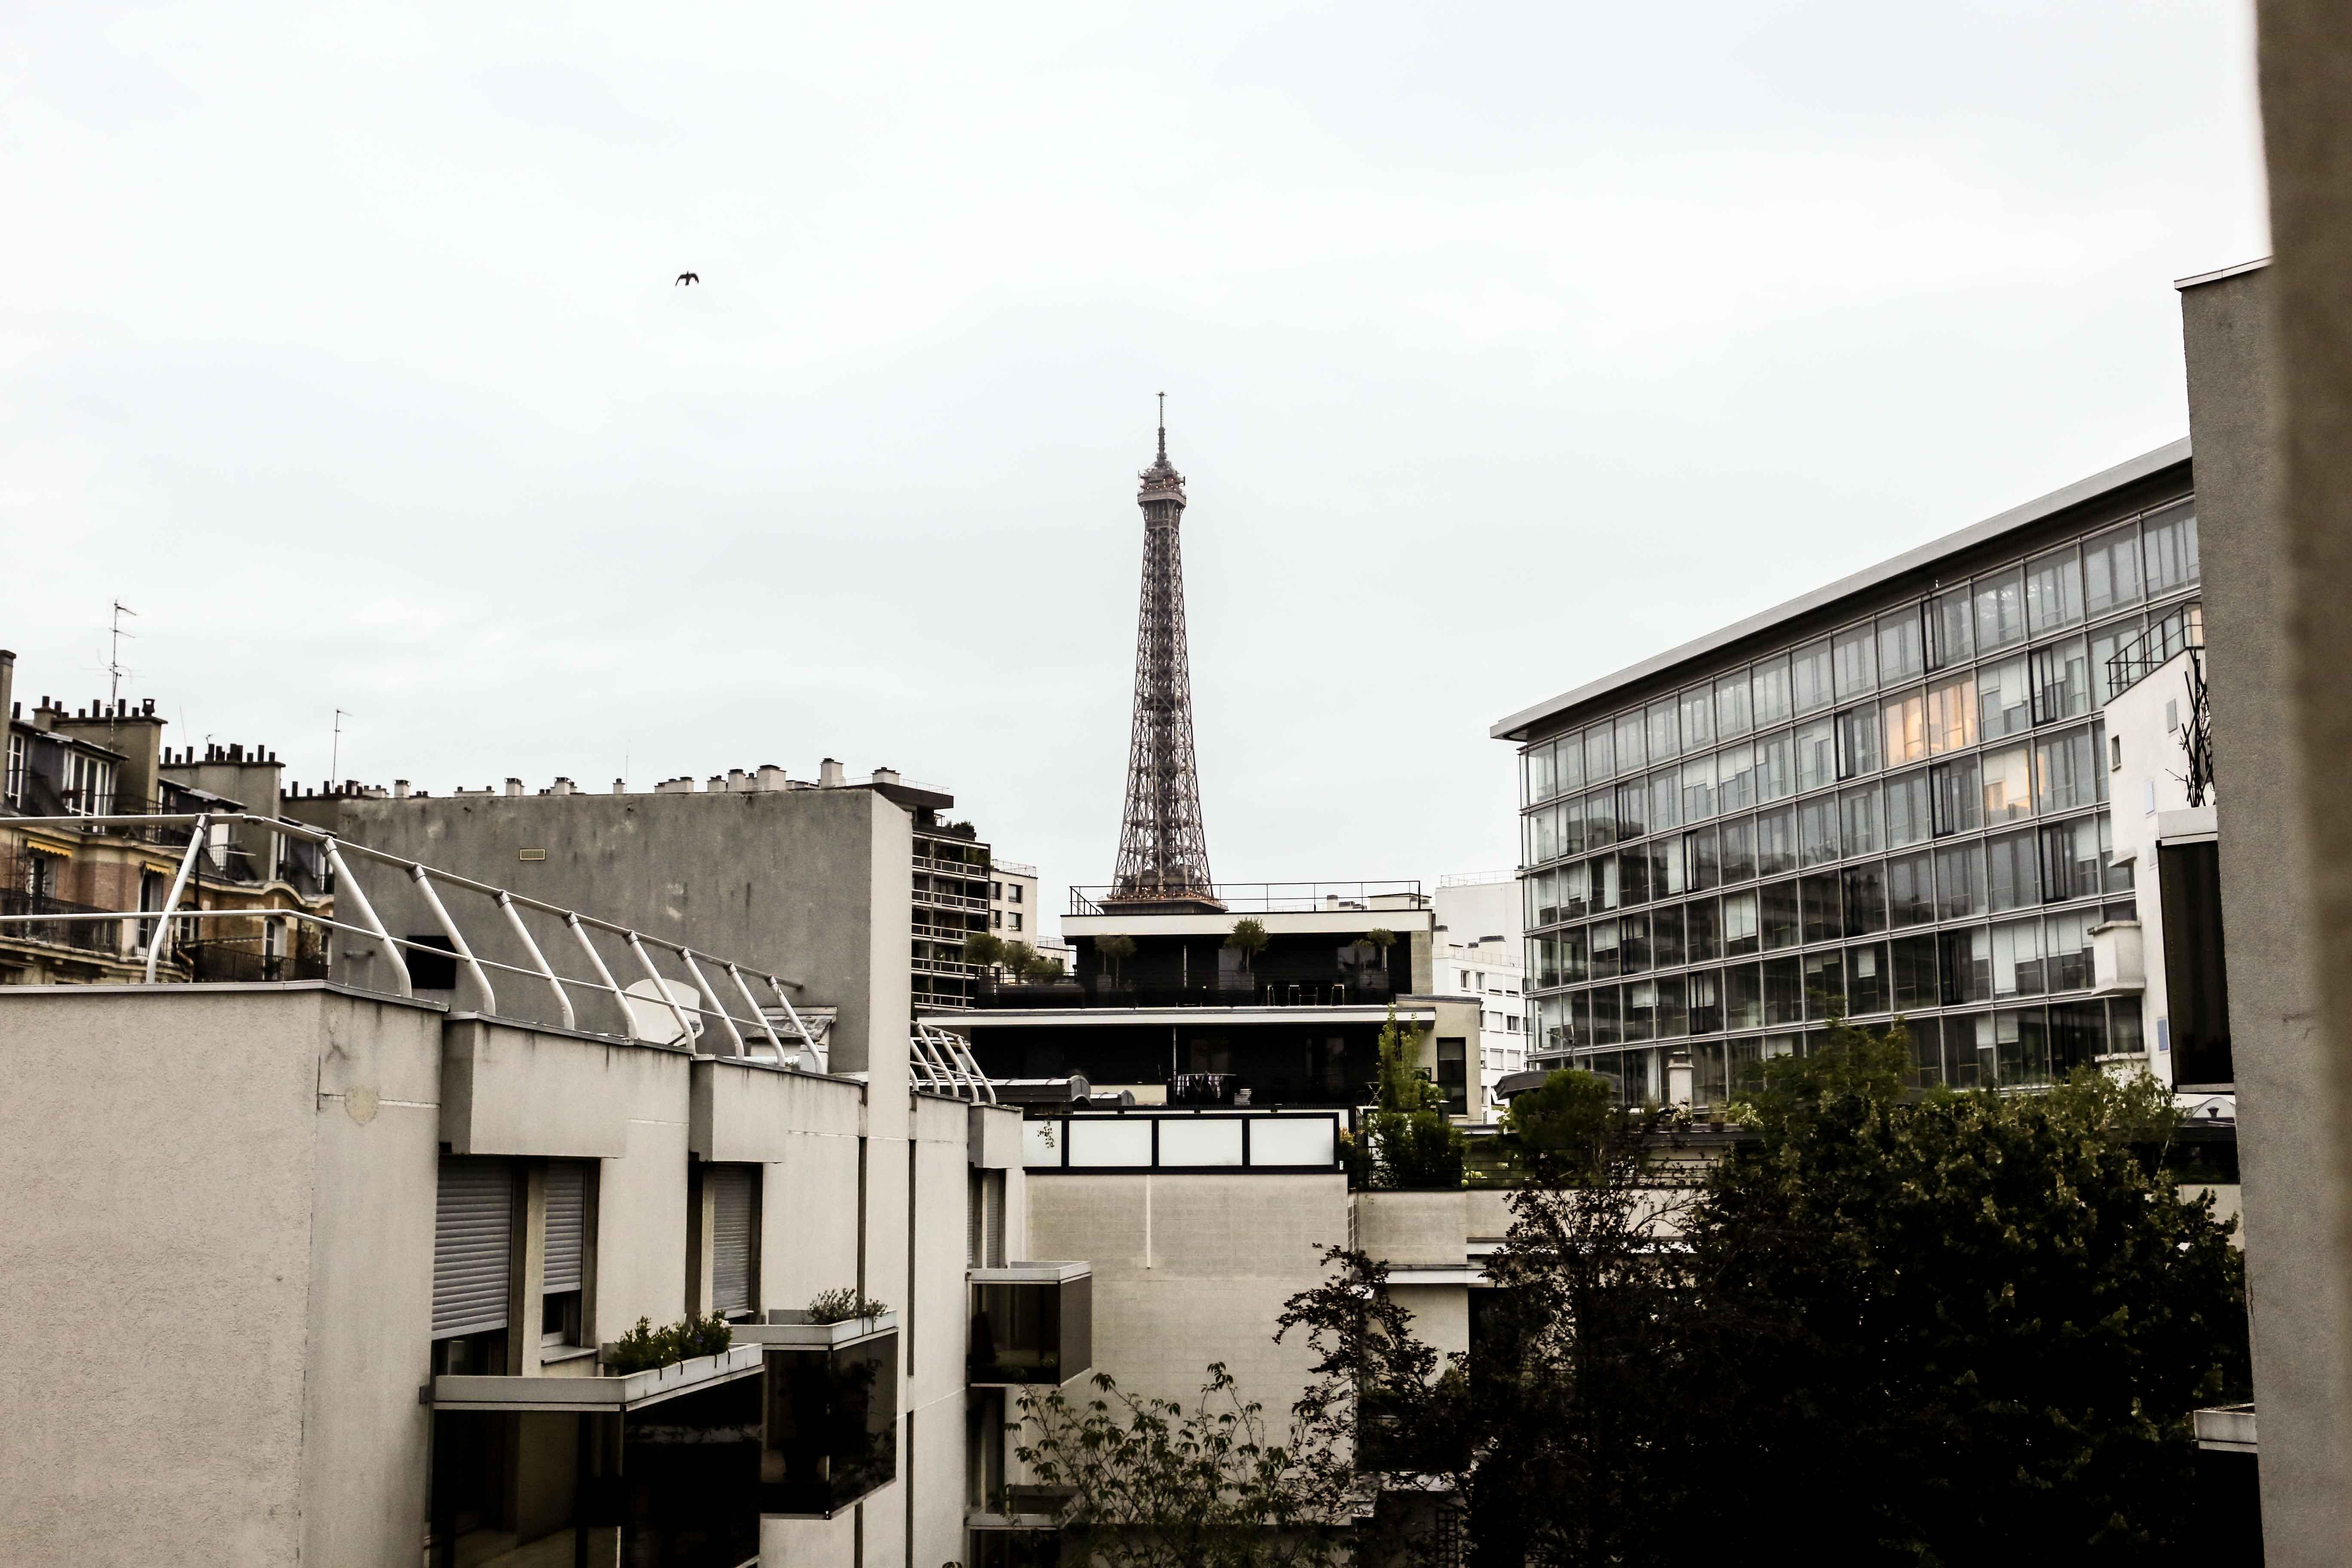 hotel-gustave-4-sterne-hotel-paris-eiffelturm-lage-erfahrung-bericht-reiseblog-travelblog_1165